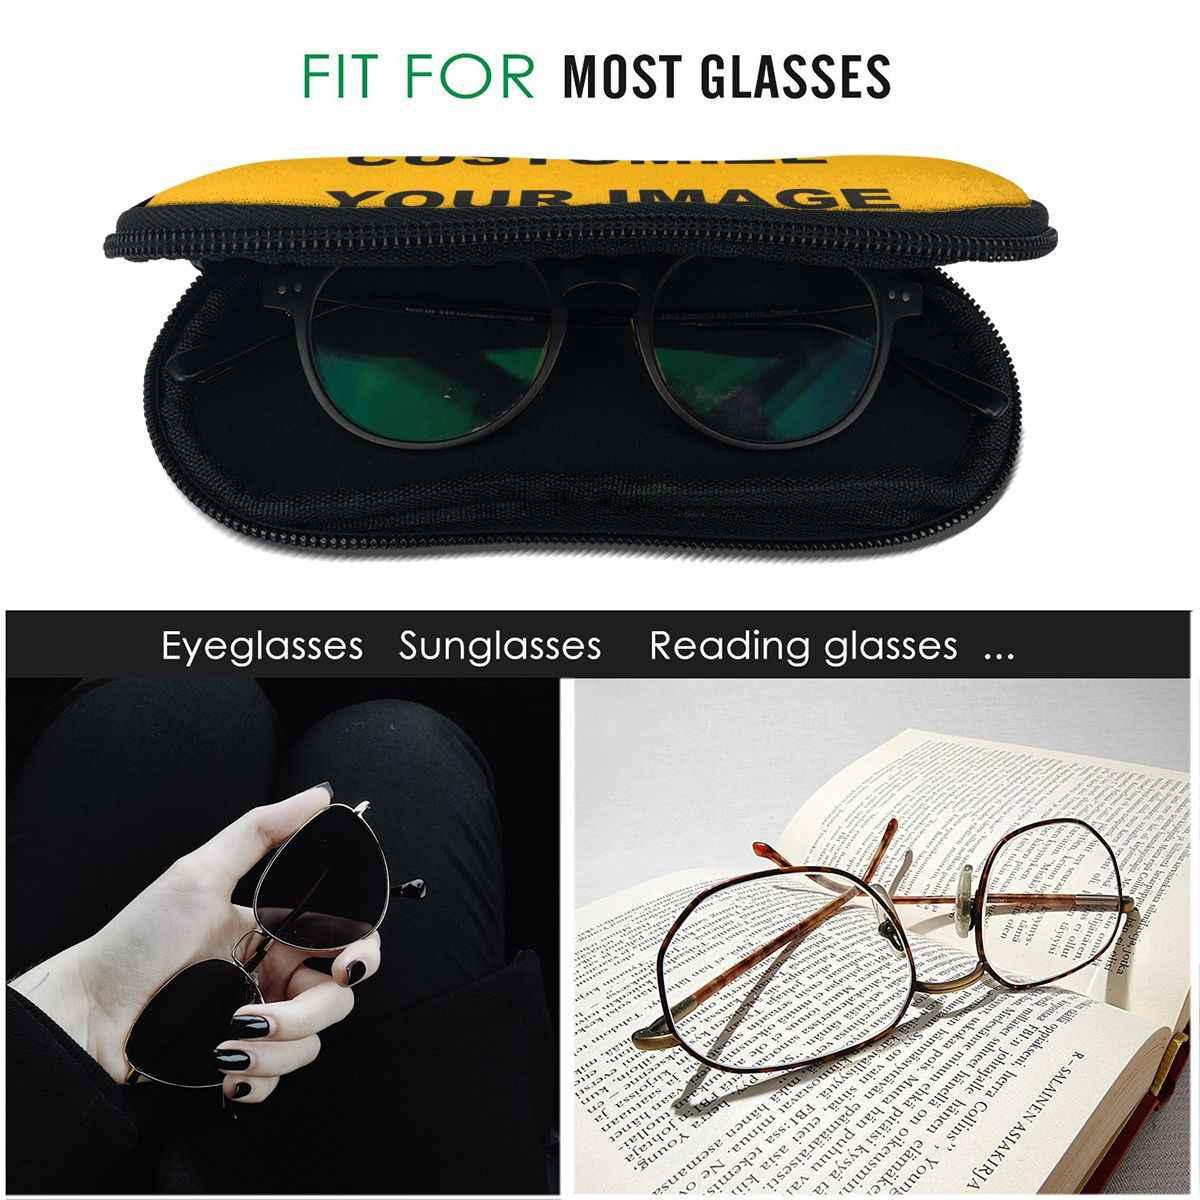 NOISYDESIGNS בציר נשים גברים ילדים משקפיים מקרה אישית תמונת שלך לוגו משקפי שמש משקפי מגן תיק Funda Gafas